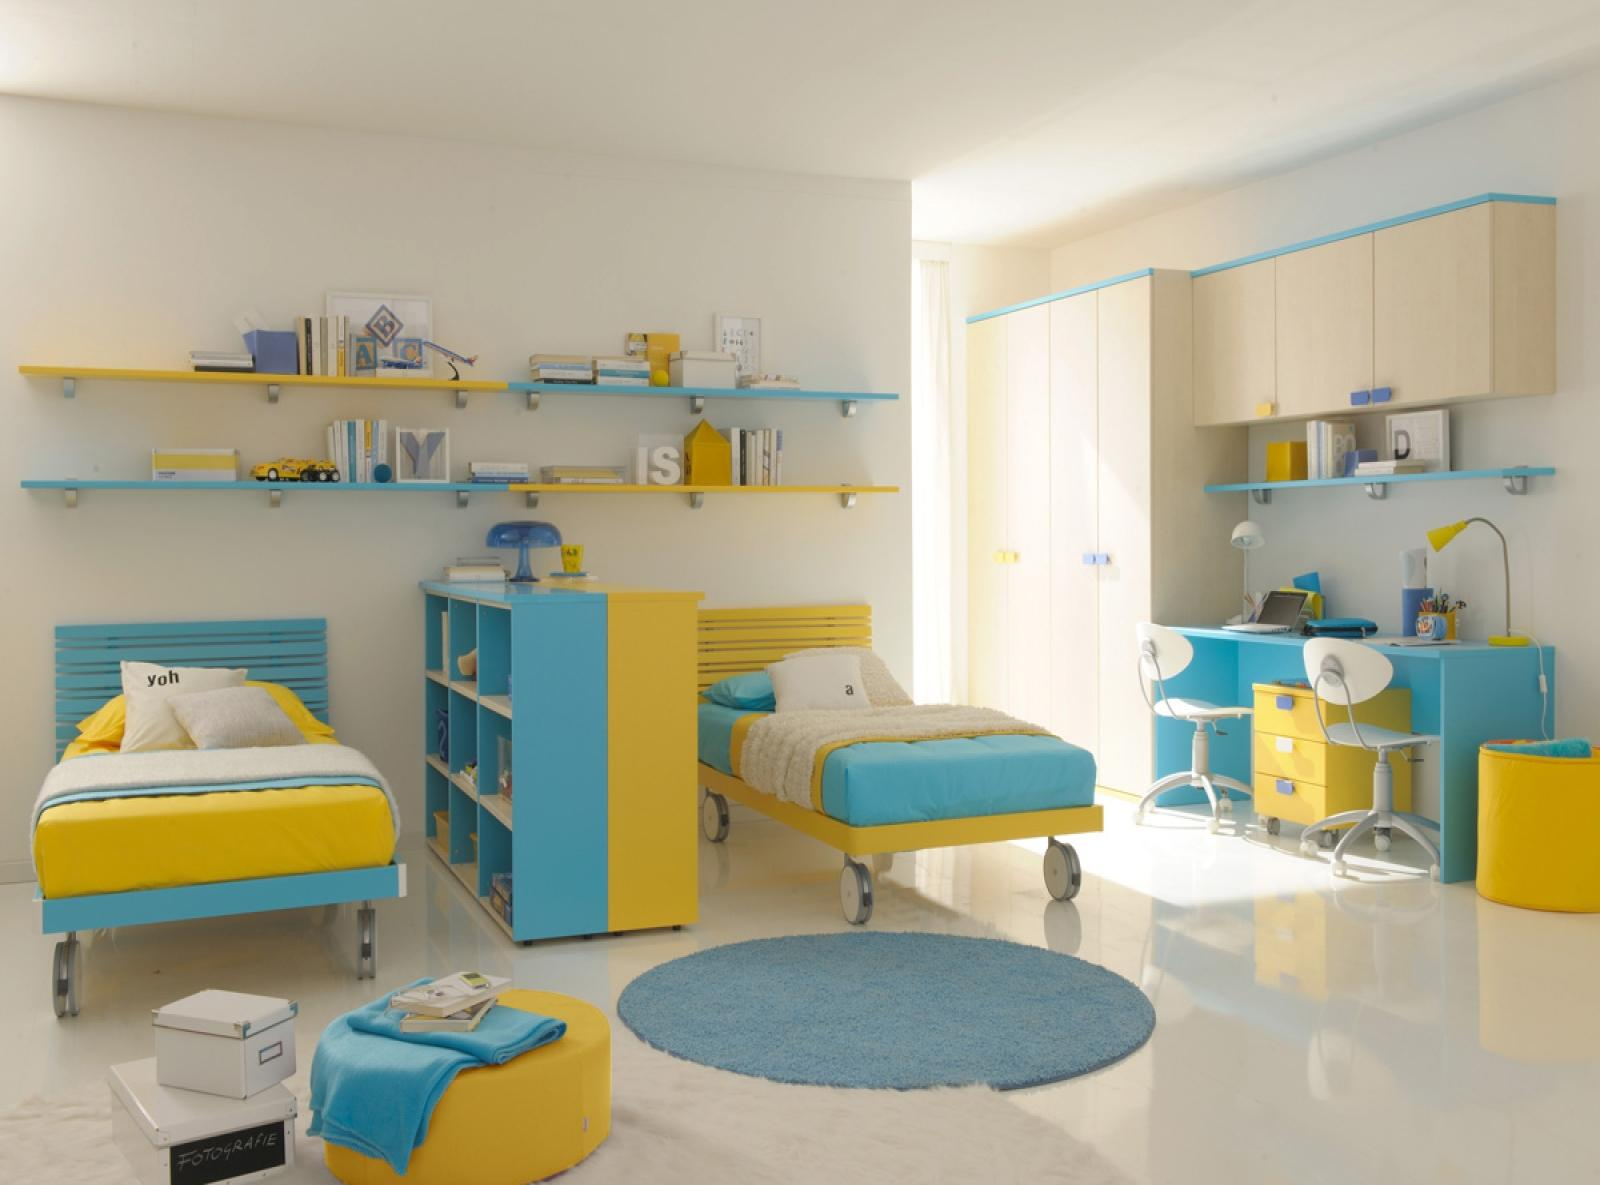 Дизайн детской комнаты для двух мальчиков с кроватью на колесиках